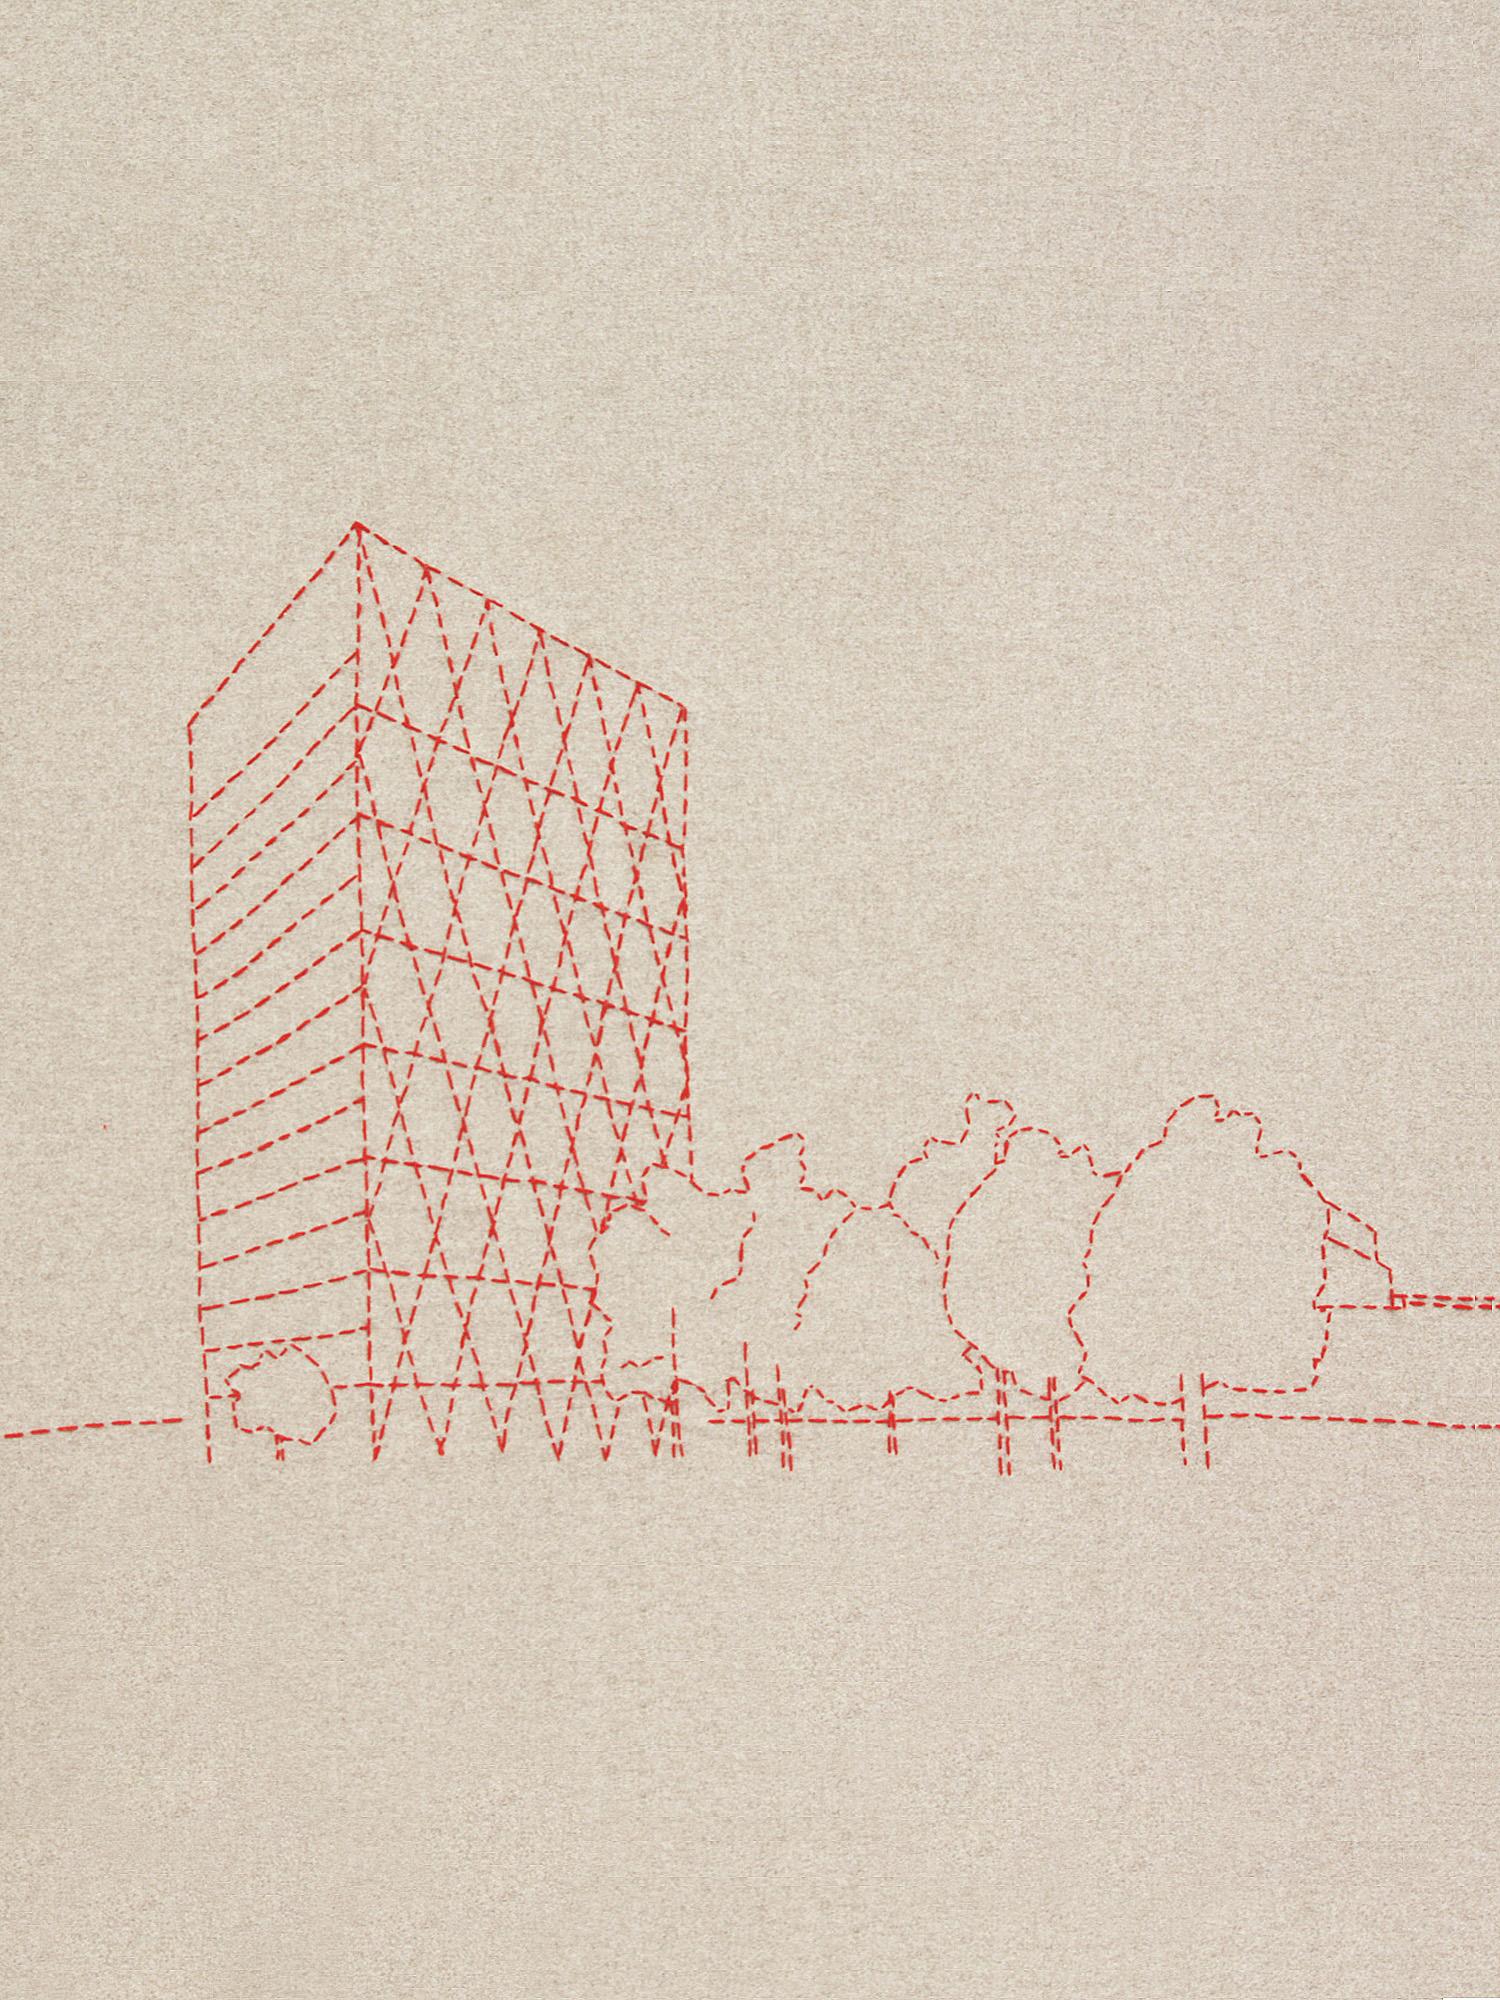 Detail aus dem bestickten Deckensegel, welches das Roche-Gebäude in Rotkreuz zeigt  Detail from the embroidered ceiling banner, which shows the Roche building in Rotkreuz